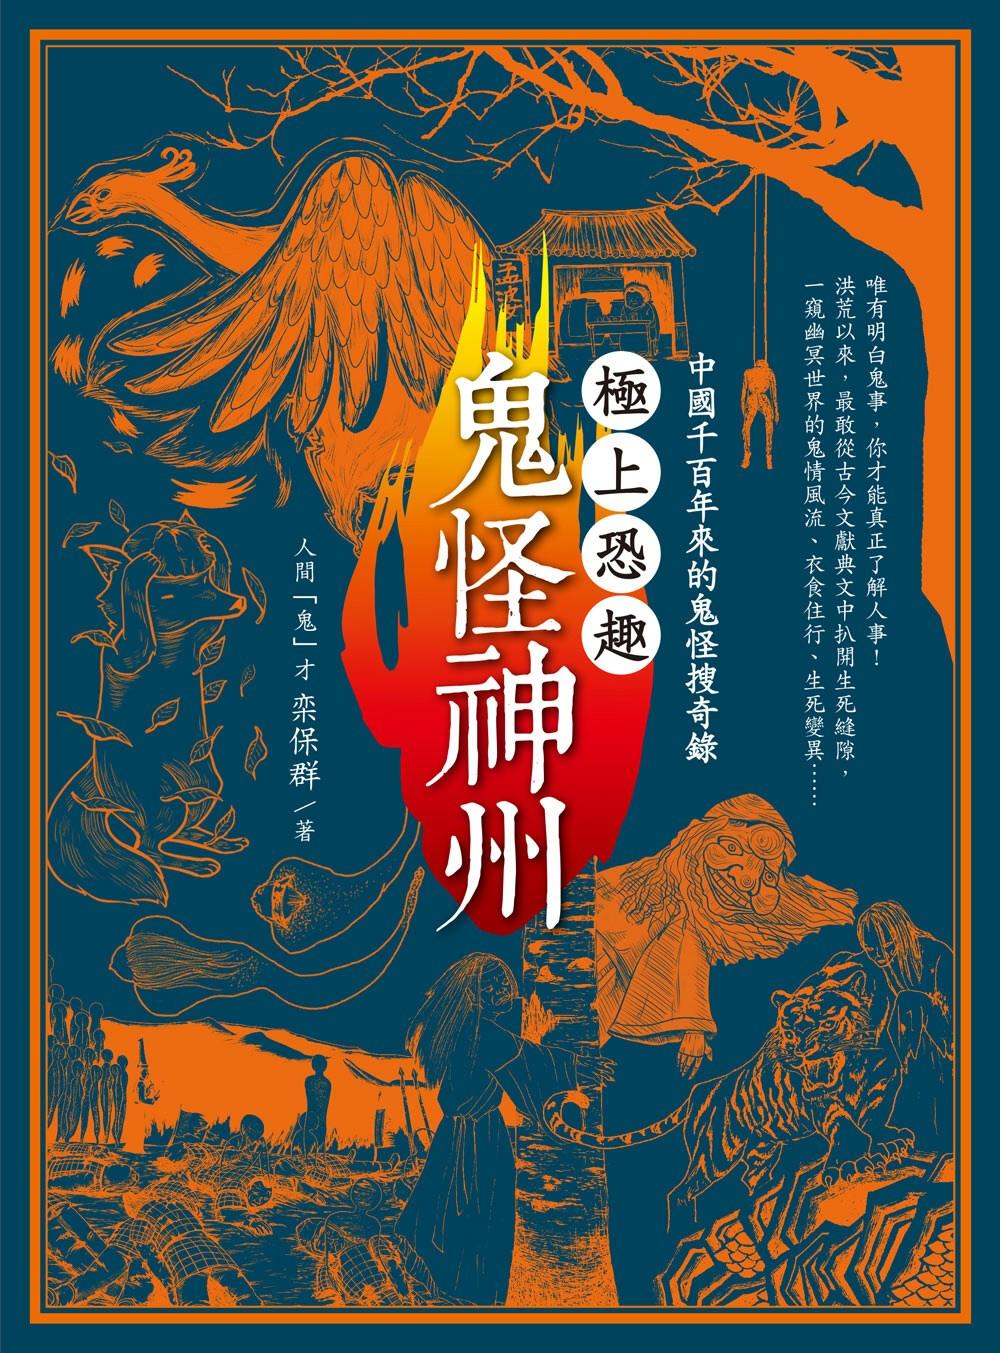 極上恐趣‧鬼怪神州:中國千百年來的鬼怪搜奇錄